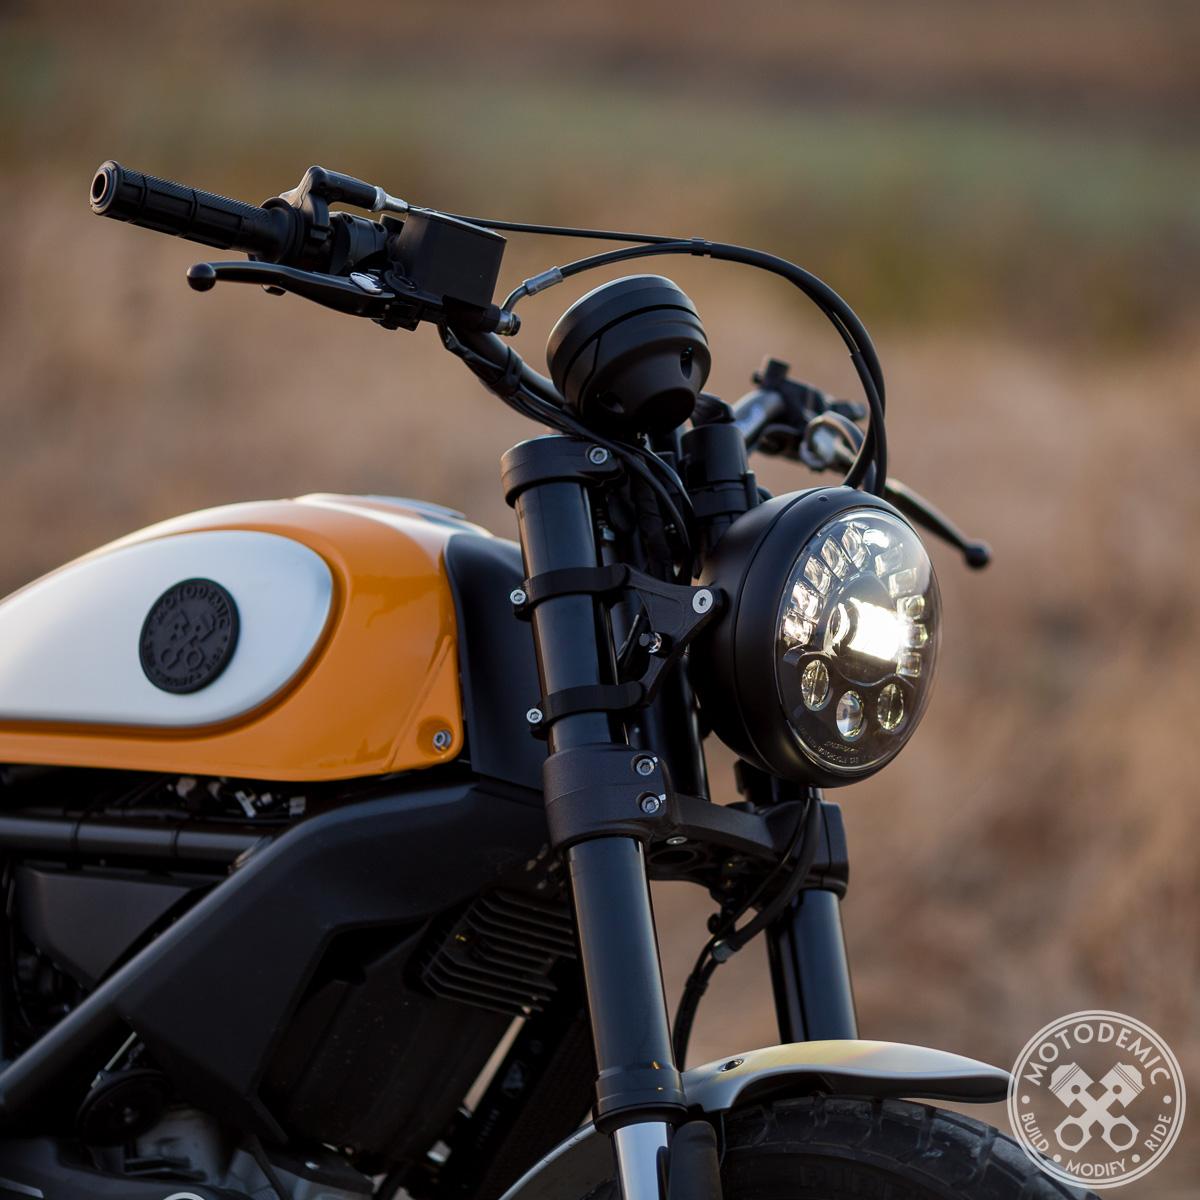 Ducati Adaptive Lighting